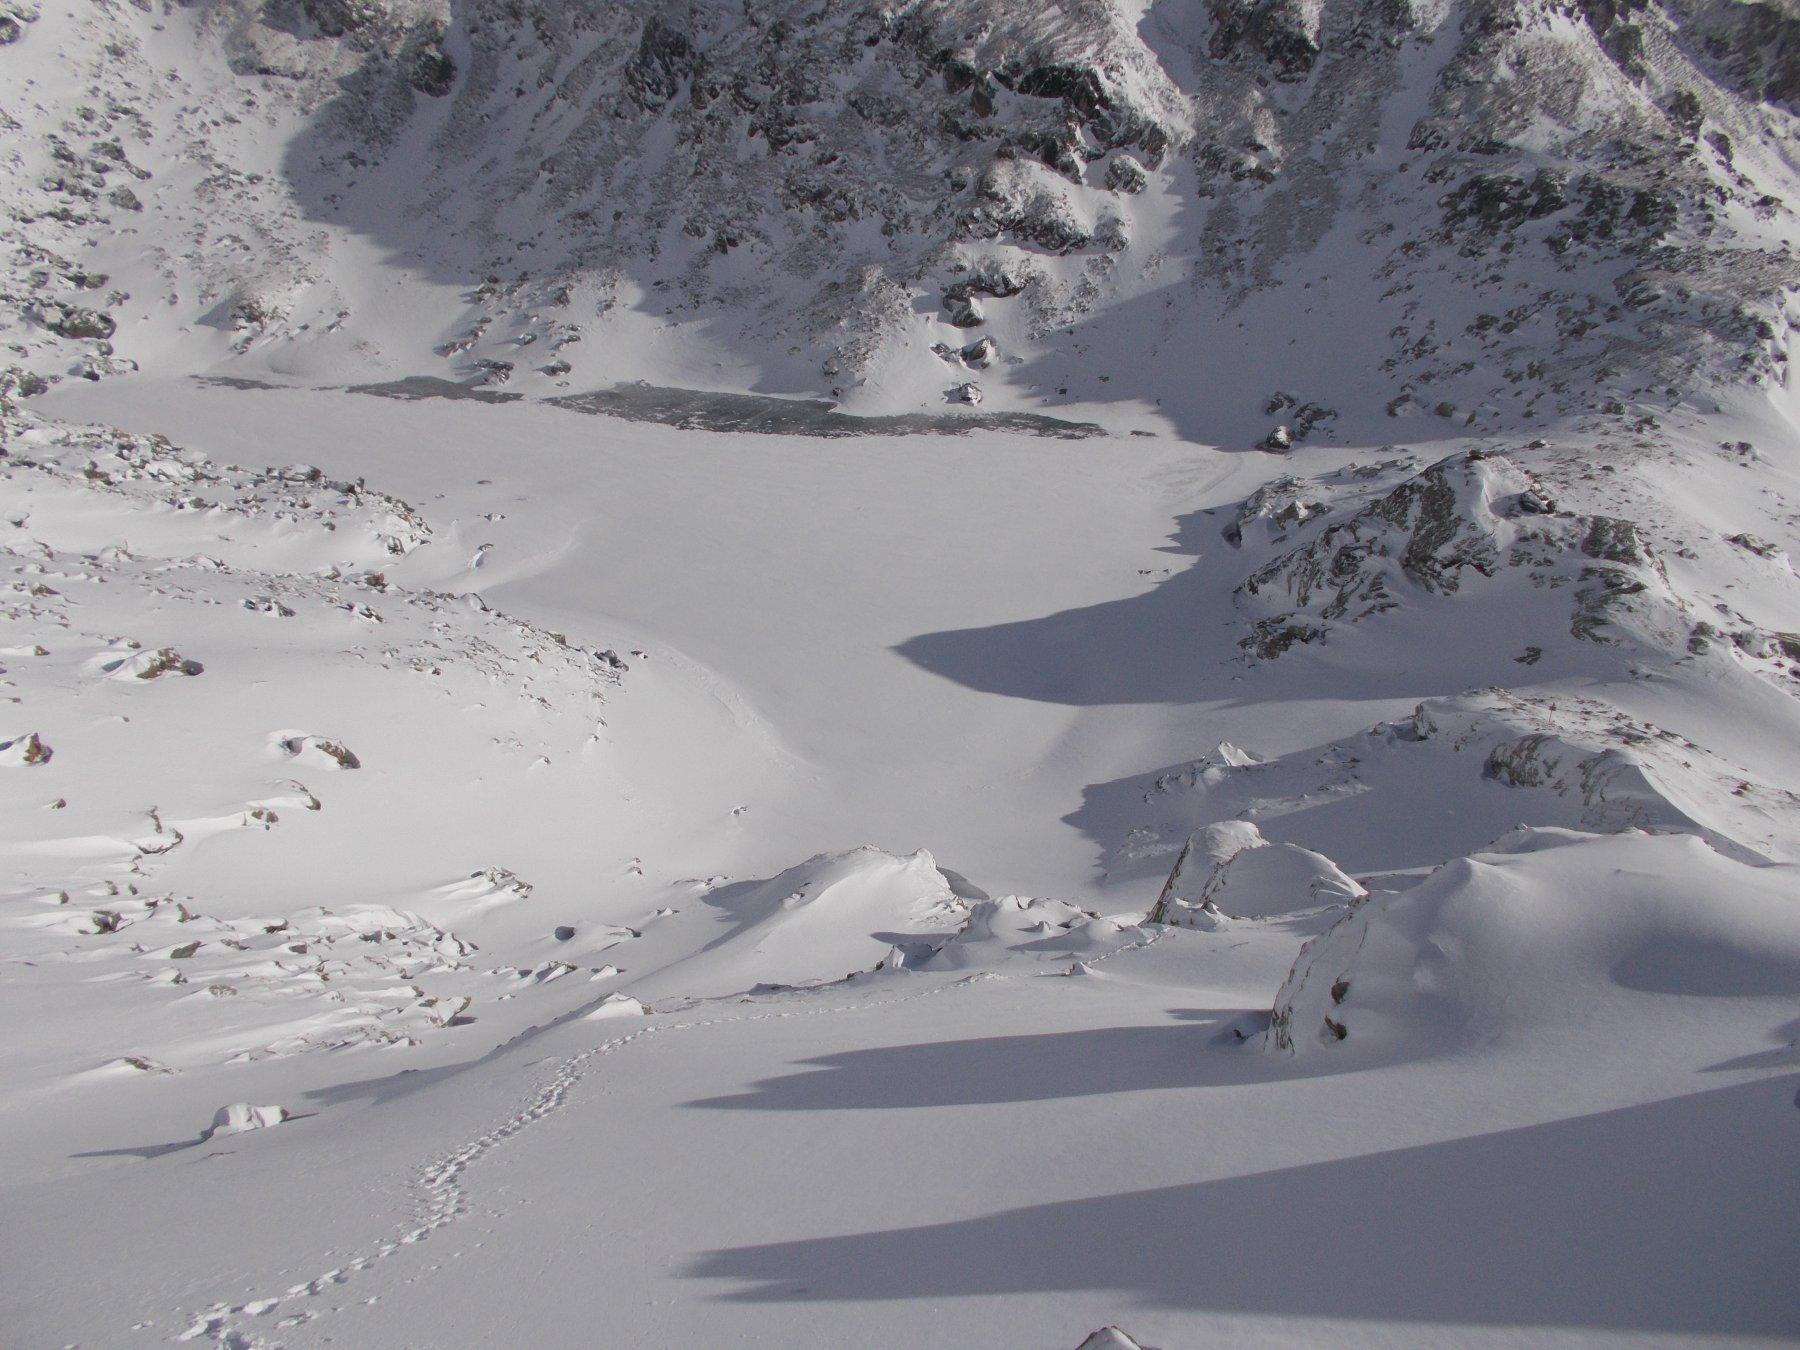 sprofondando sempre piu' ..nella neve che aumenta a vista d'occhio..